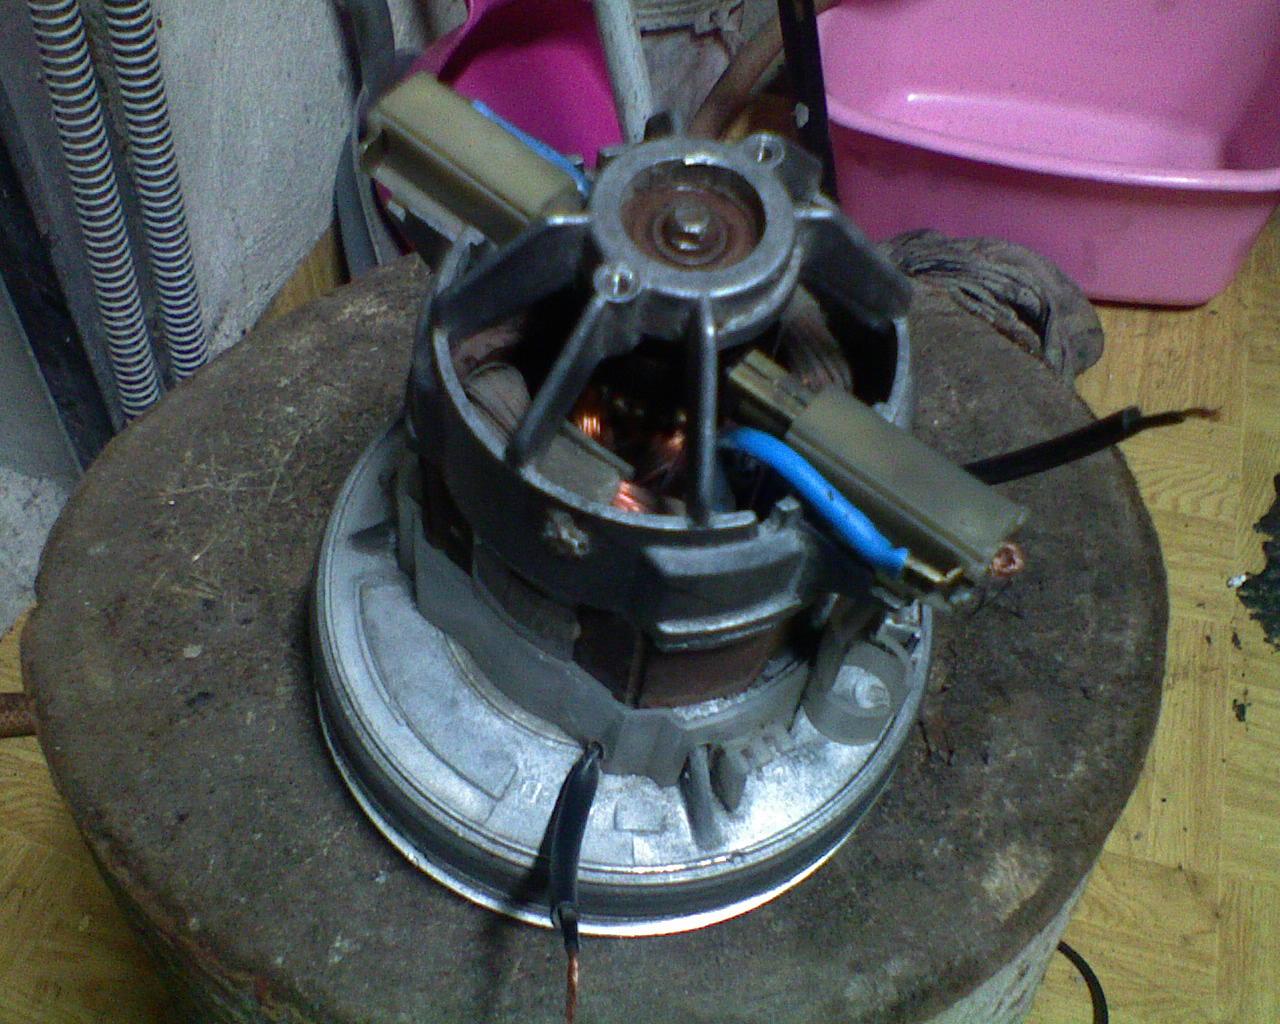 Silnik od odkurzacza, wywala kabel zasilaj�cy z kostki, a kork�w nie :)